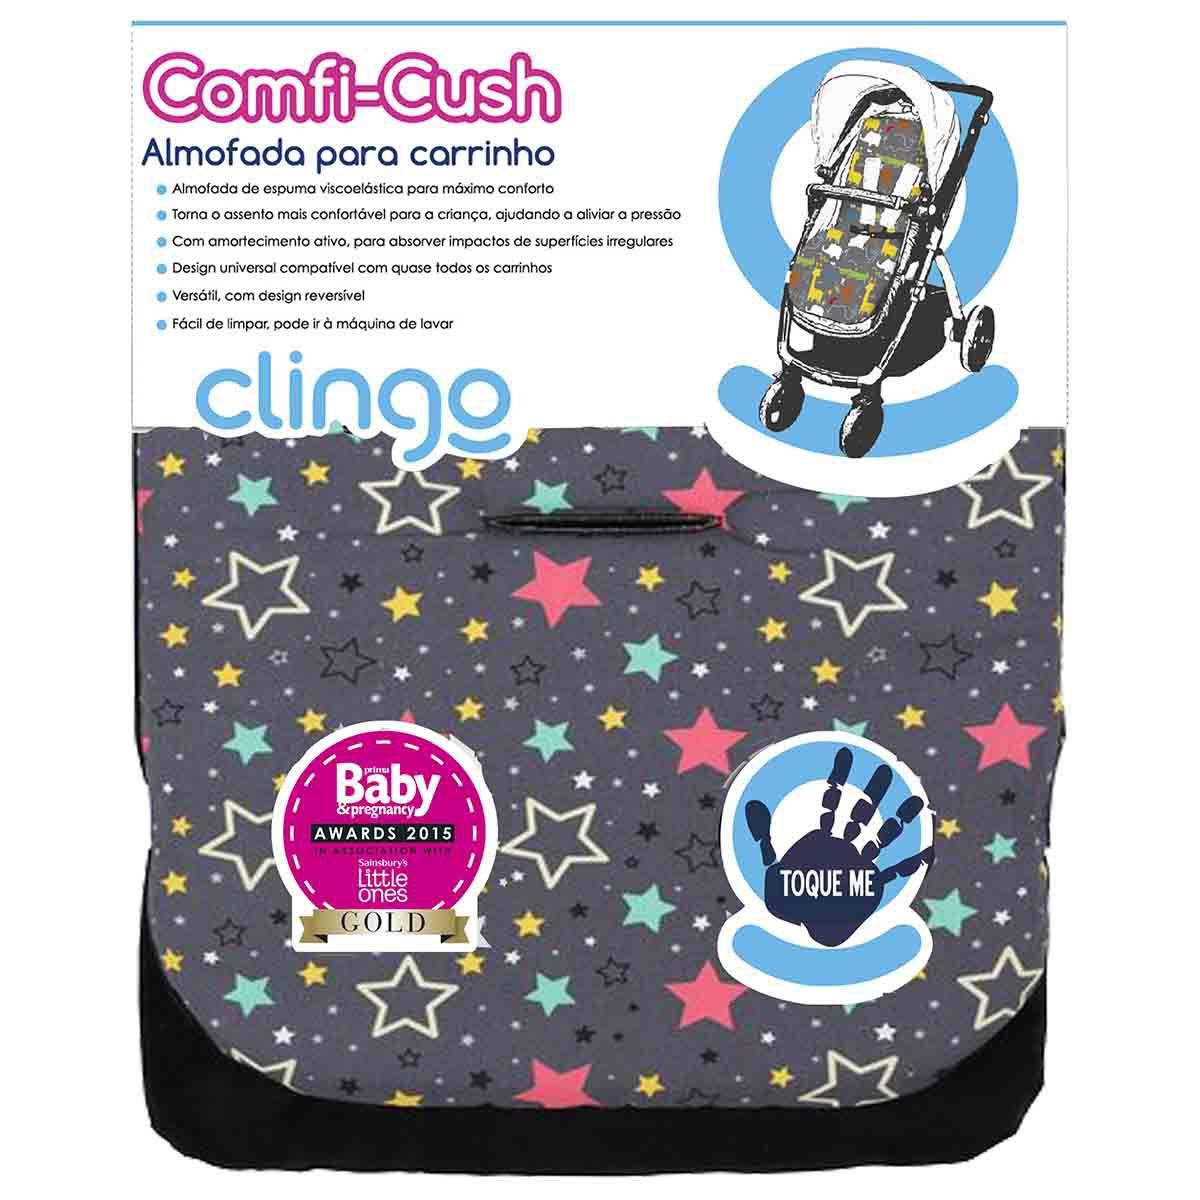 Almofada Carrinho Comfi Cush - Color Stars - Clingo